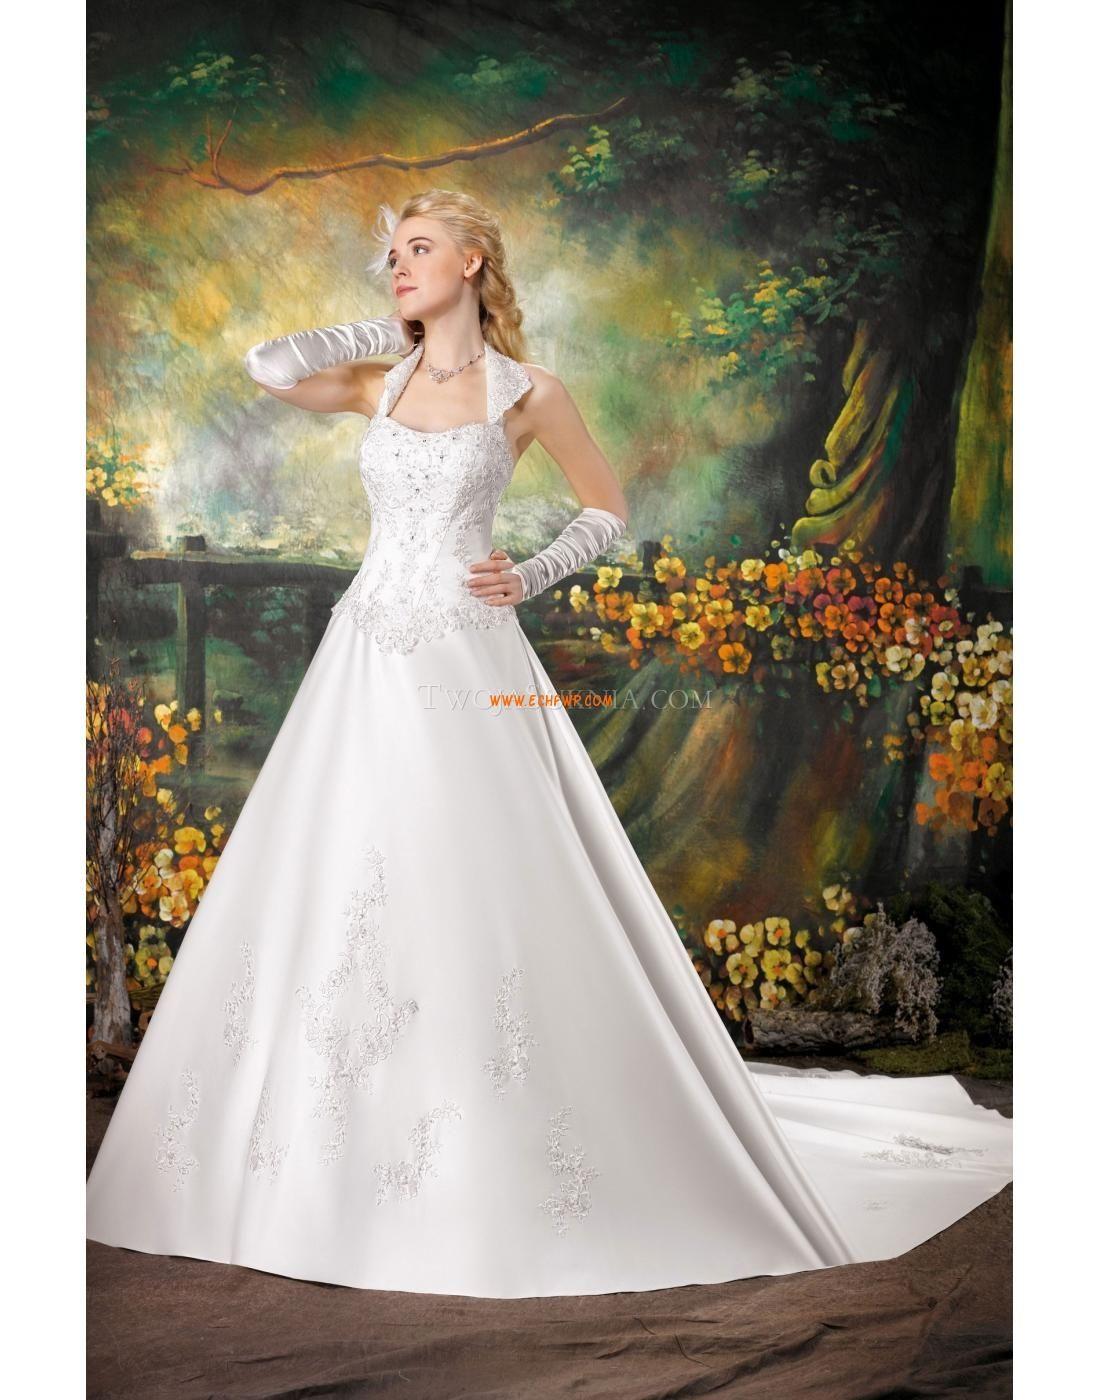 Fein Parteiabnutzungskleid Für Mädchen Kind Galerie - Hochzeit Kleid ...